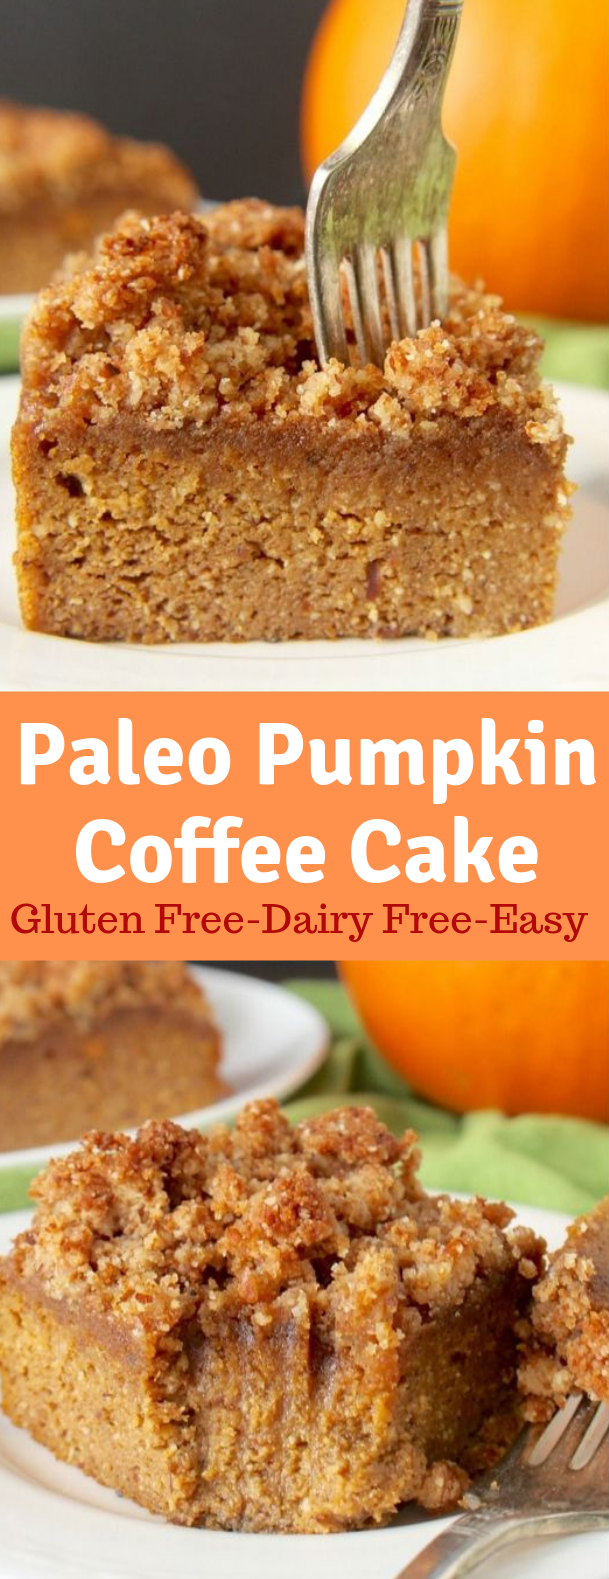 PALEO PUMPKIN COFFEE CAKE #Paleo #Cake